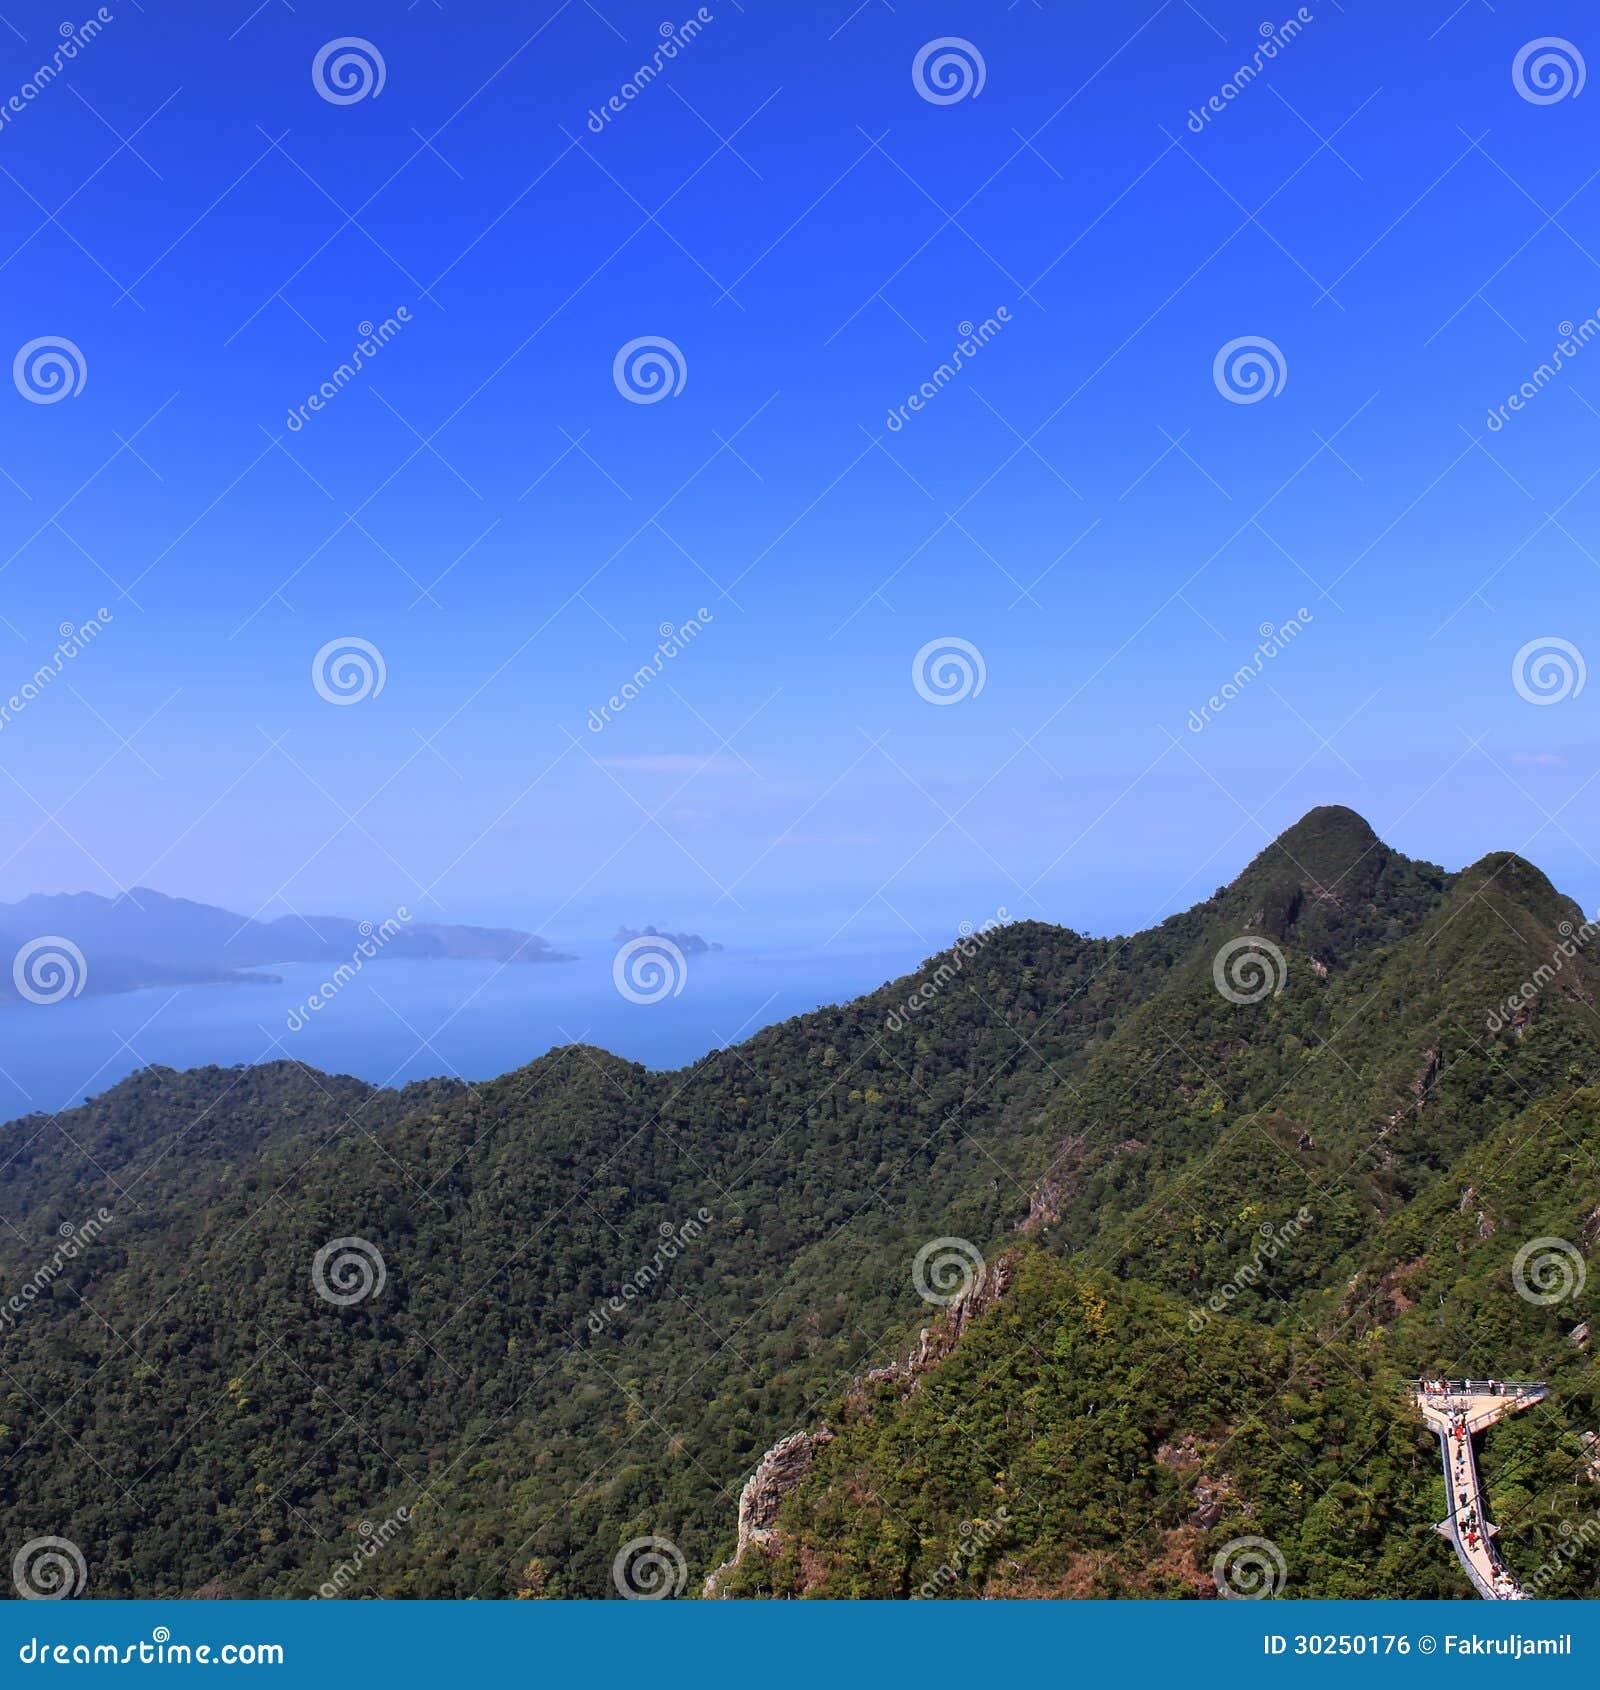 Langkawi Island: Mount Mat Cincang, Langkawi Island Stock Photo